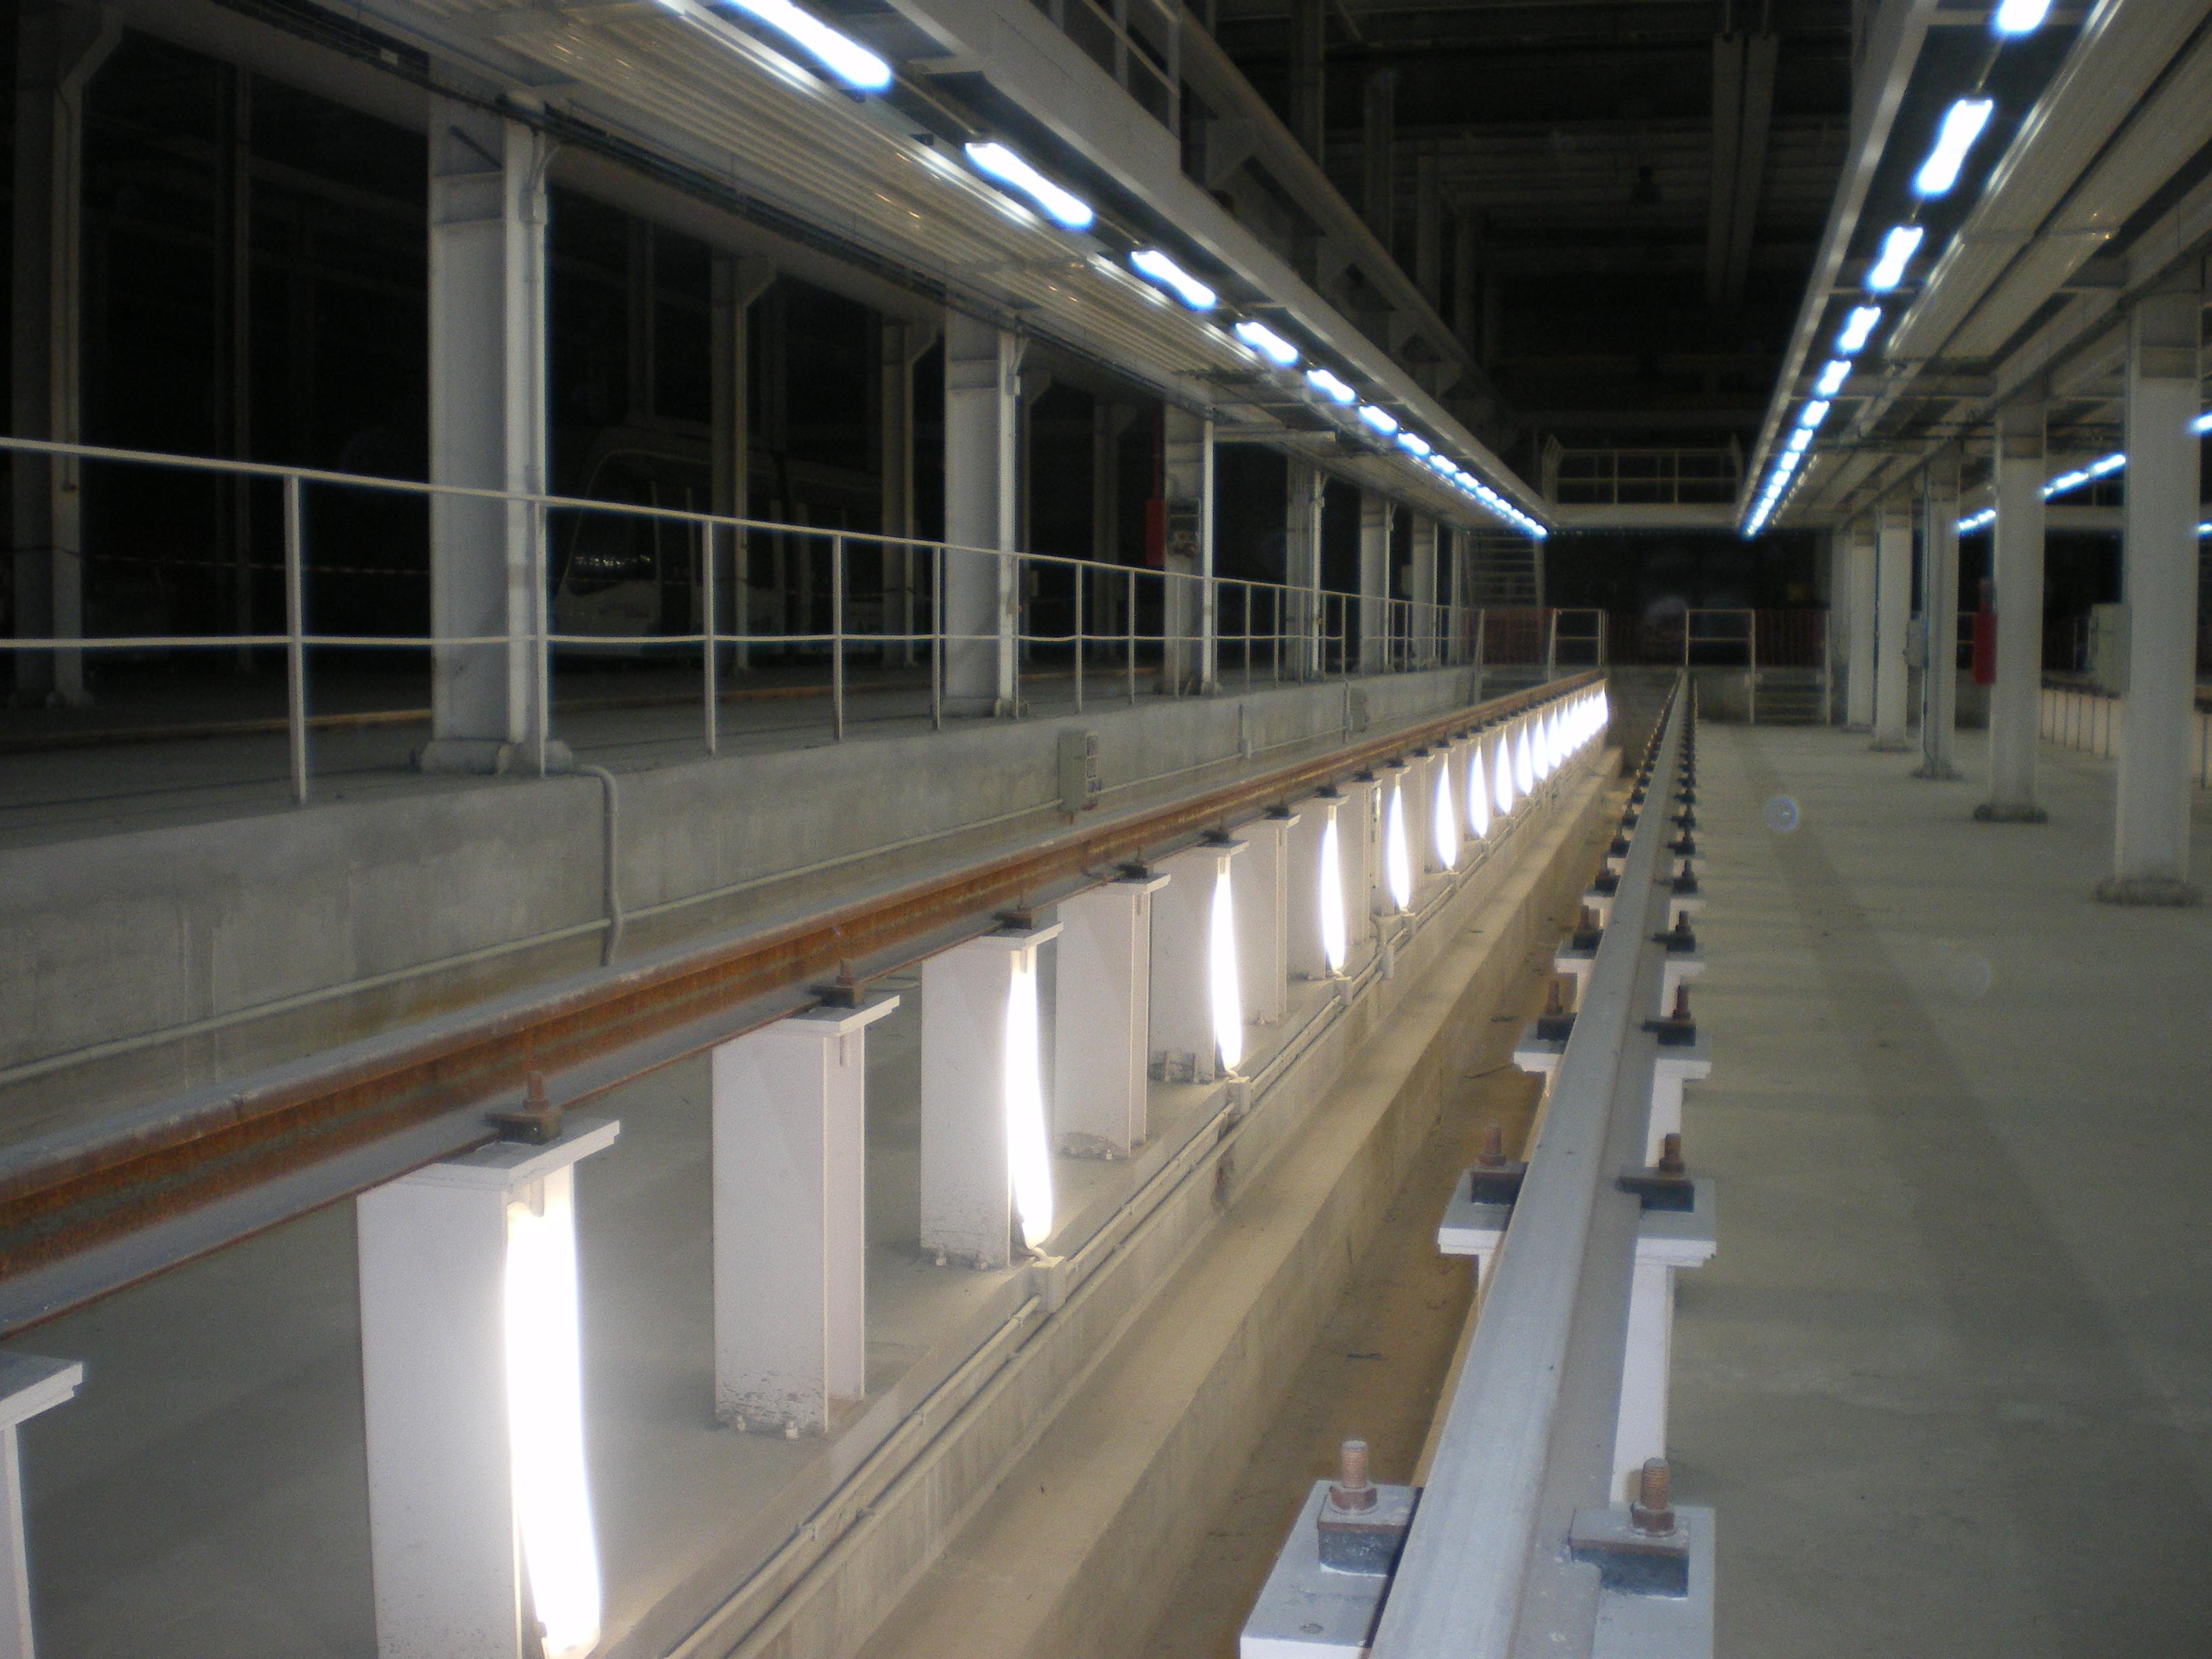 Talleres y Cocheras del Metro de Granada es la principal instalación para las tareas de conservación del ferrocarril metropolitano.